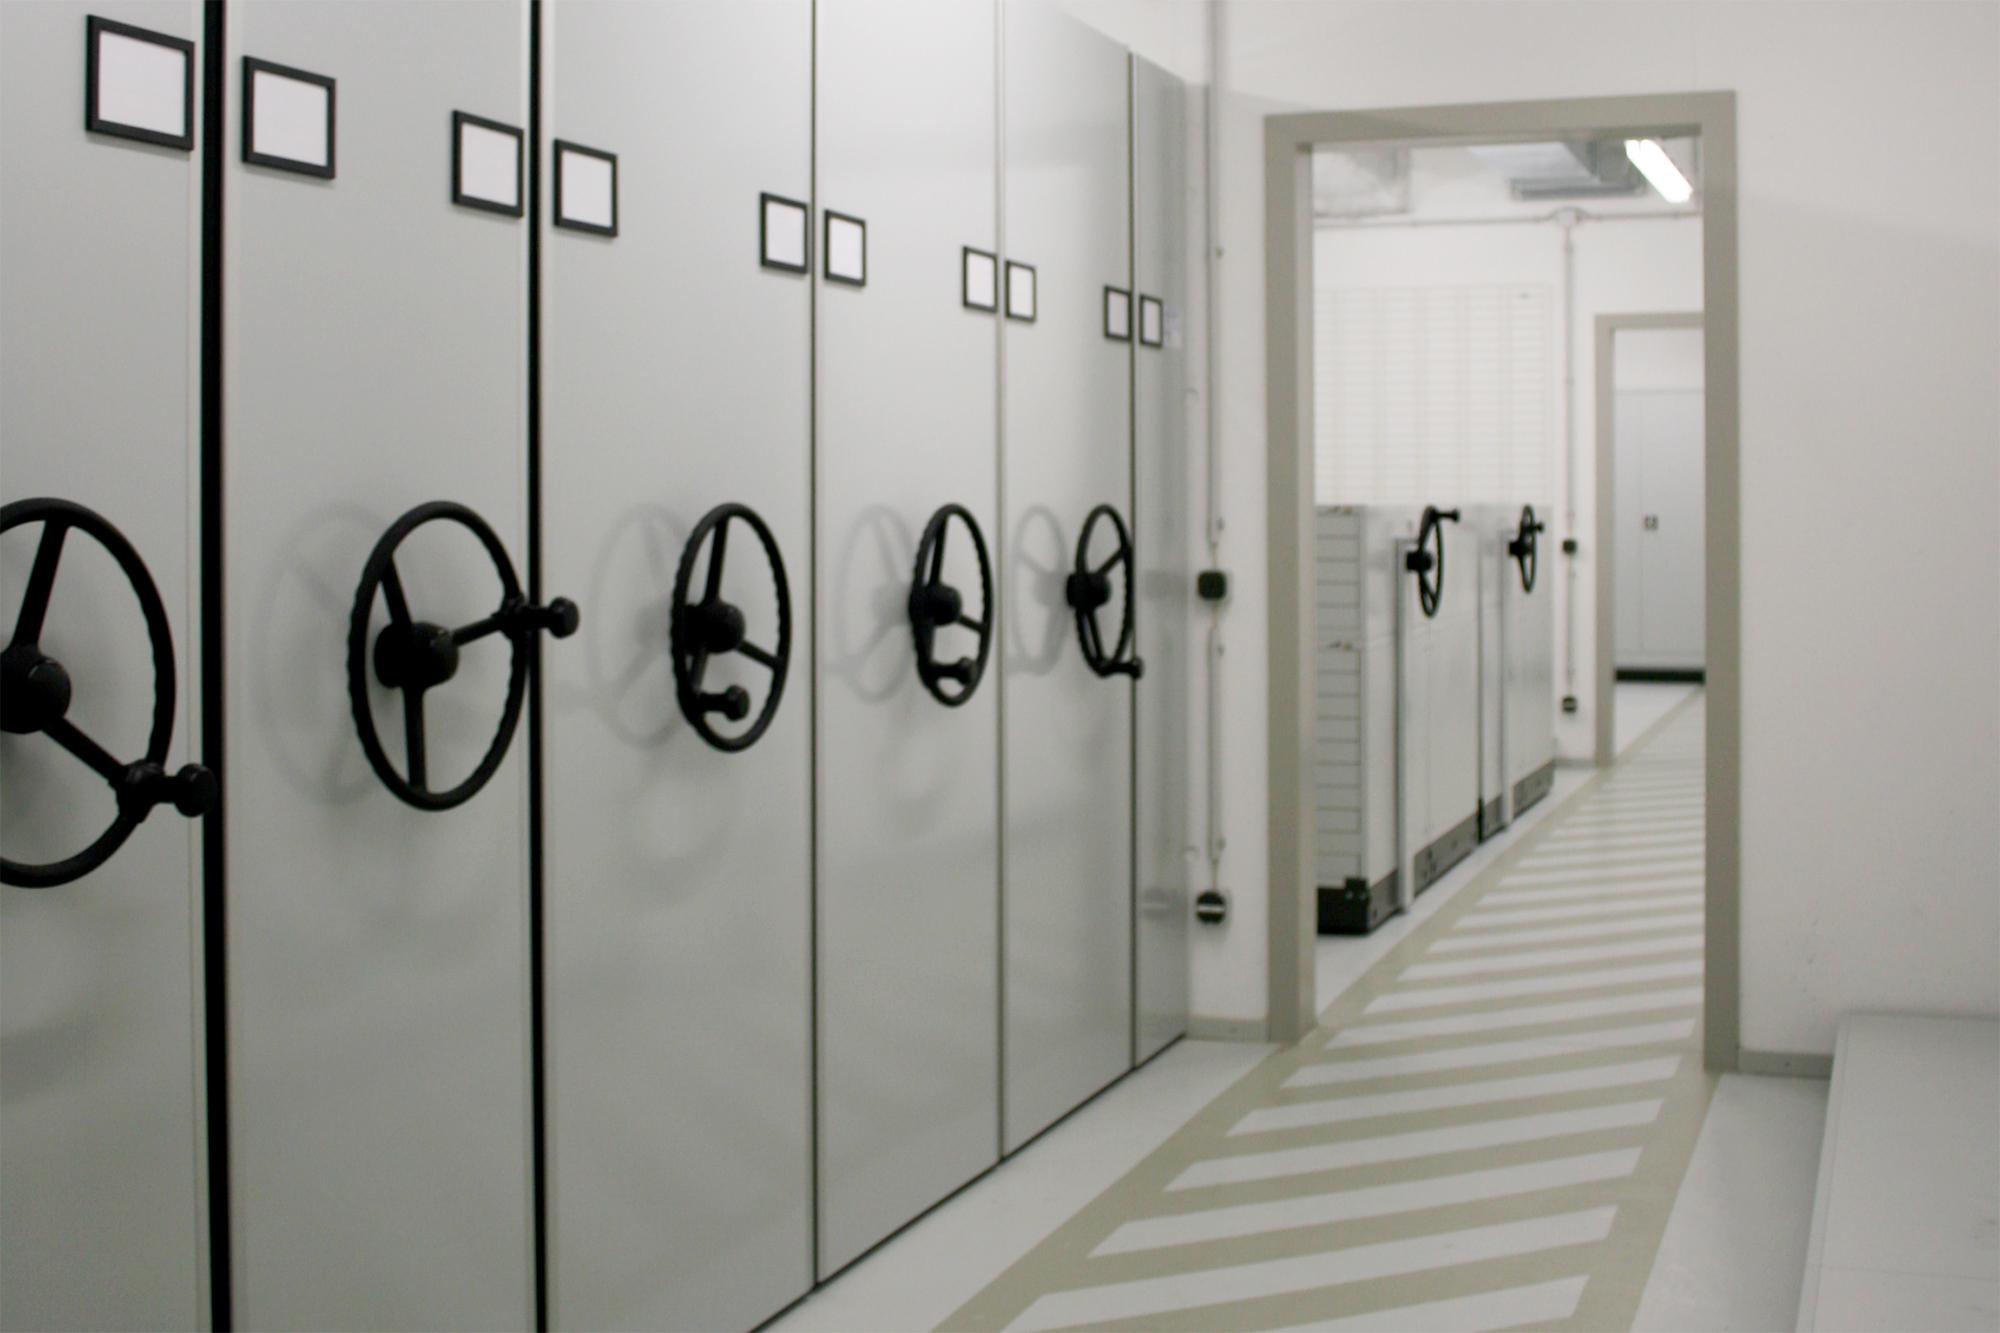 Fahrregalanlage im Museumsdepot des Jüdischen Museums München